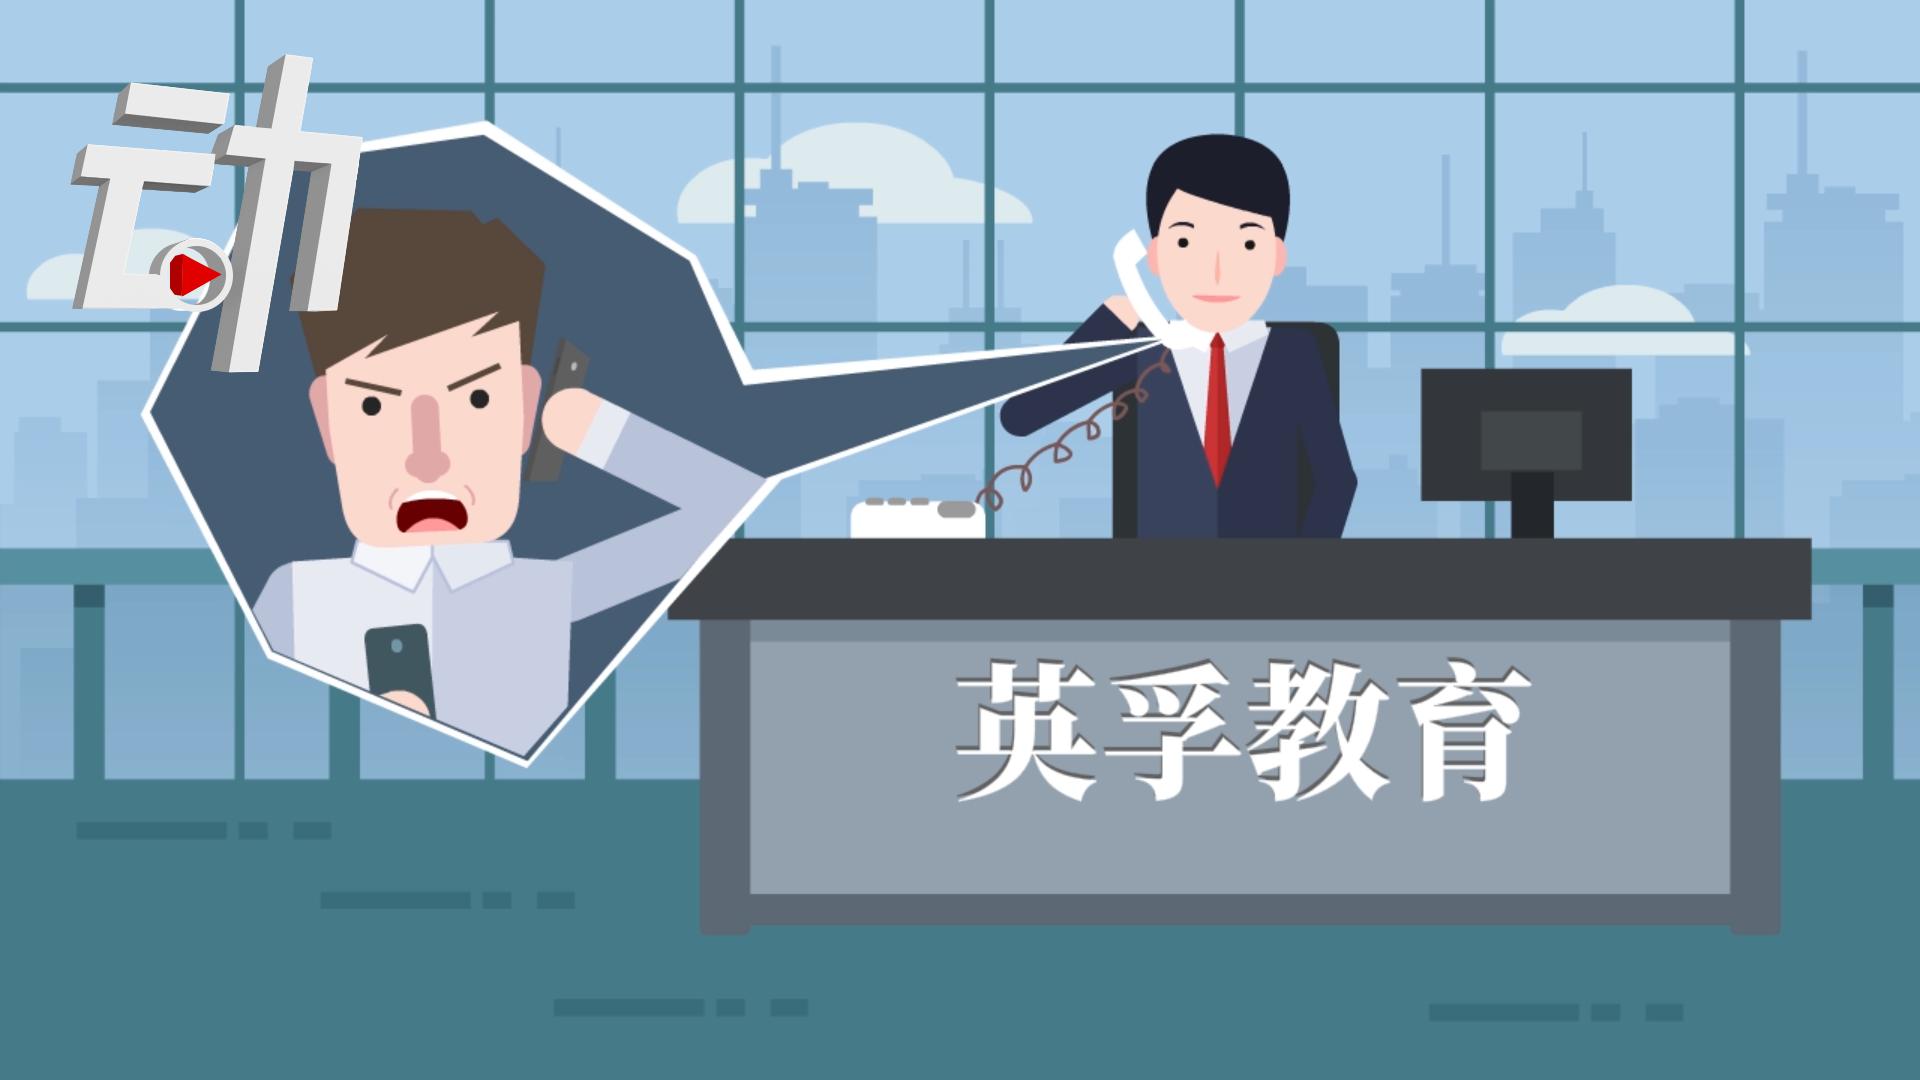 前外教性威胁12岁中国女学生被查 英孚教育曾被曝多起乱象